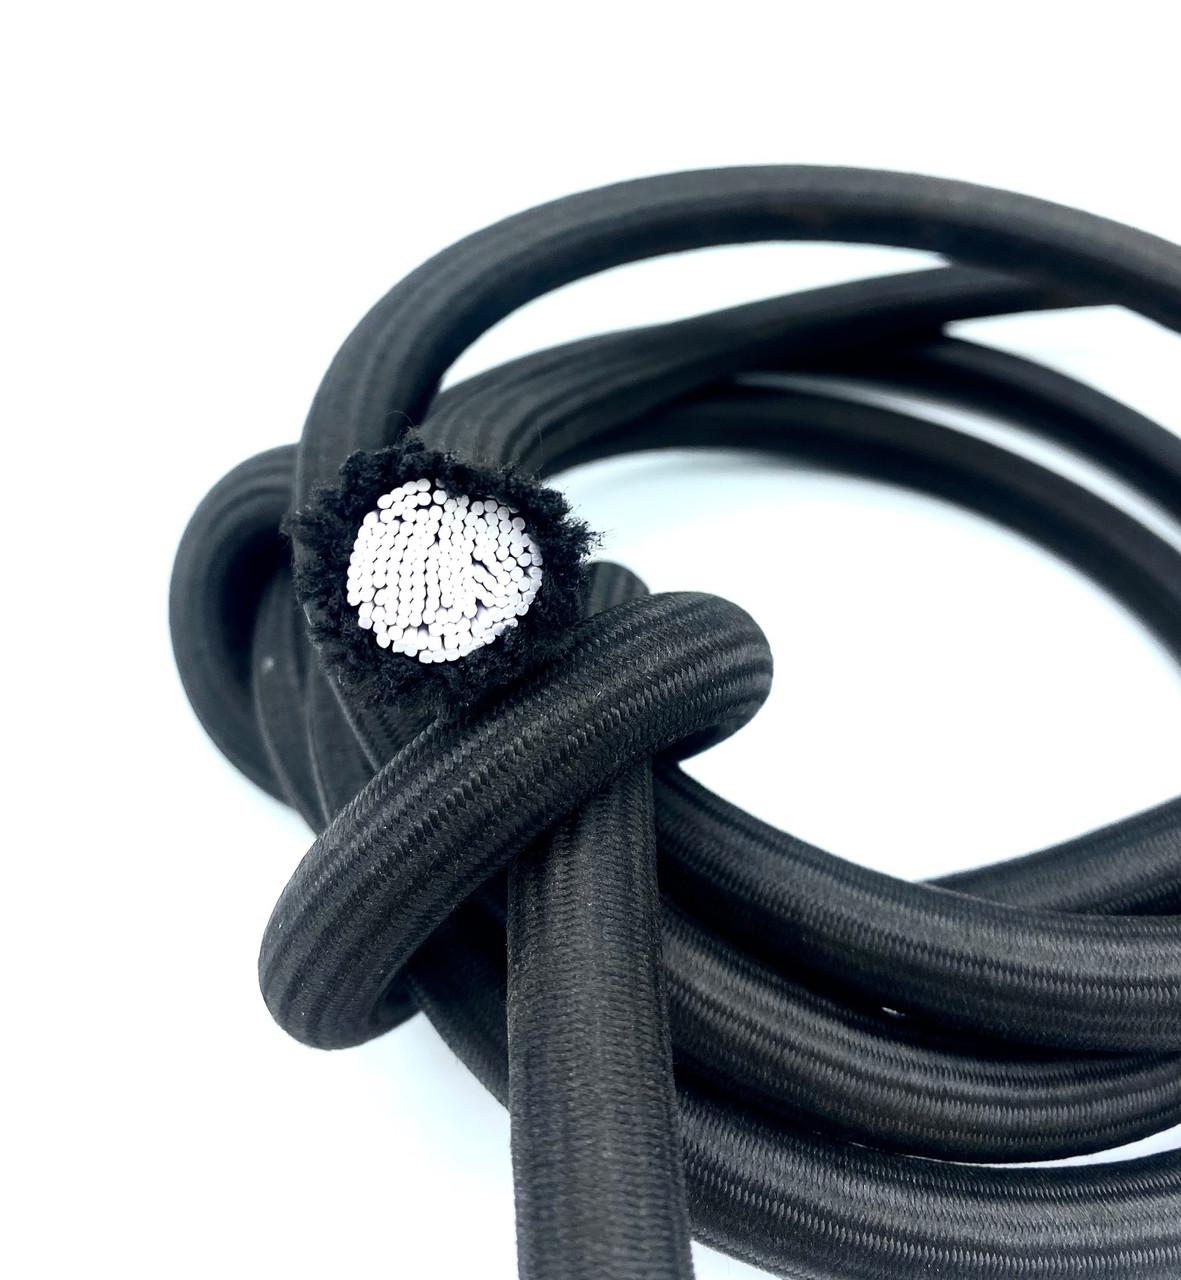 """Борцівський шнур """"Еспандер"""" товщина 10 мм, довжина 5 метрів"""